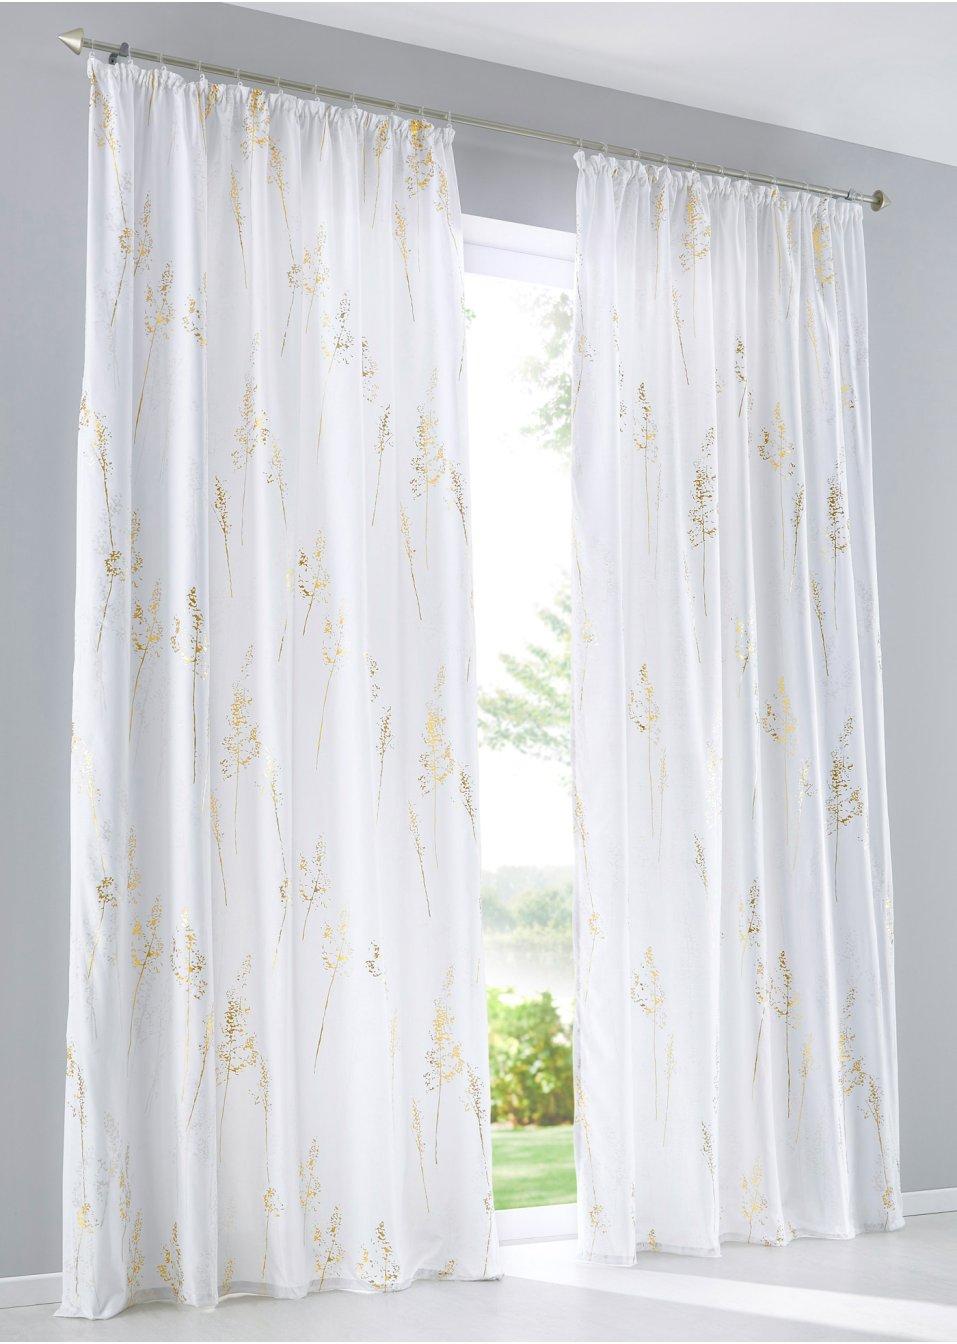 vorhang petra 1er pack wei gold silber bpc living online bestellen. Black Bedroom Furniture Sets. Home Design Ideas